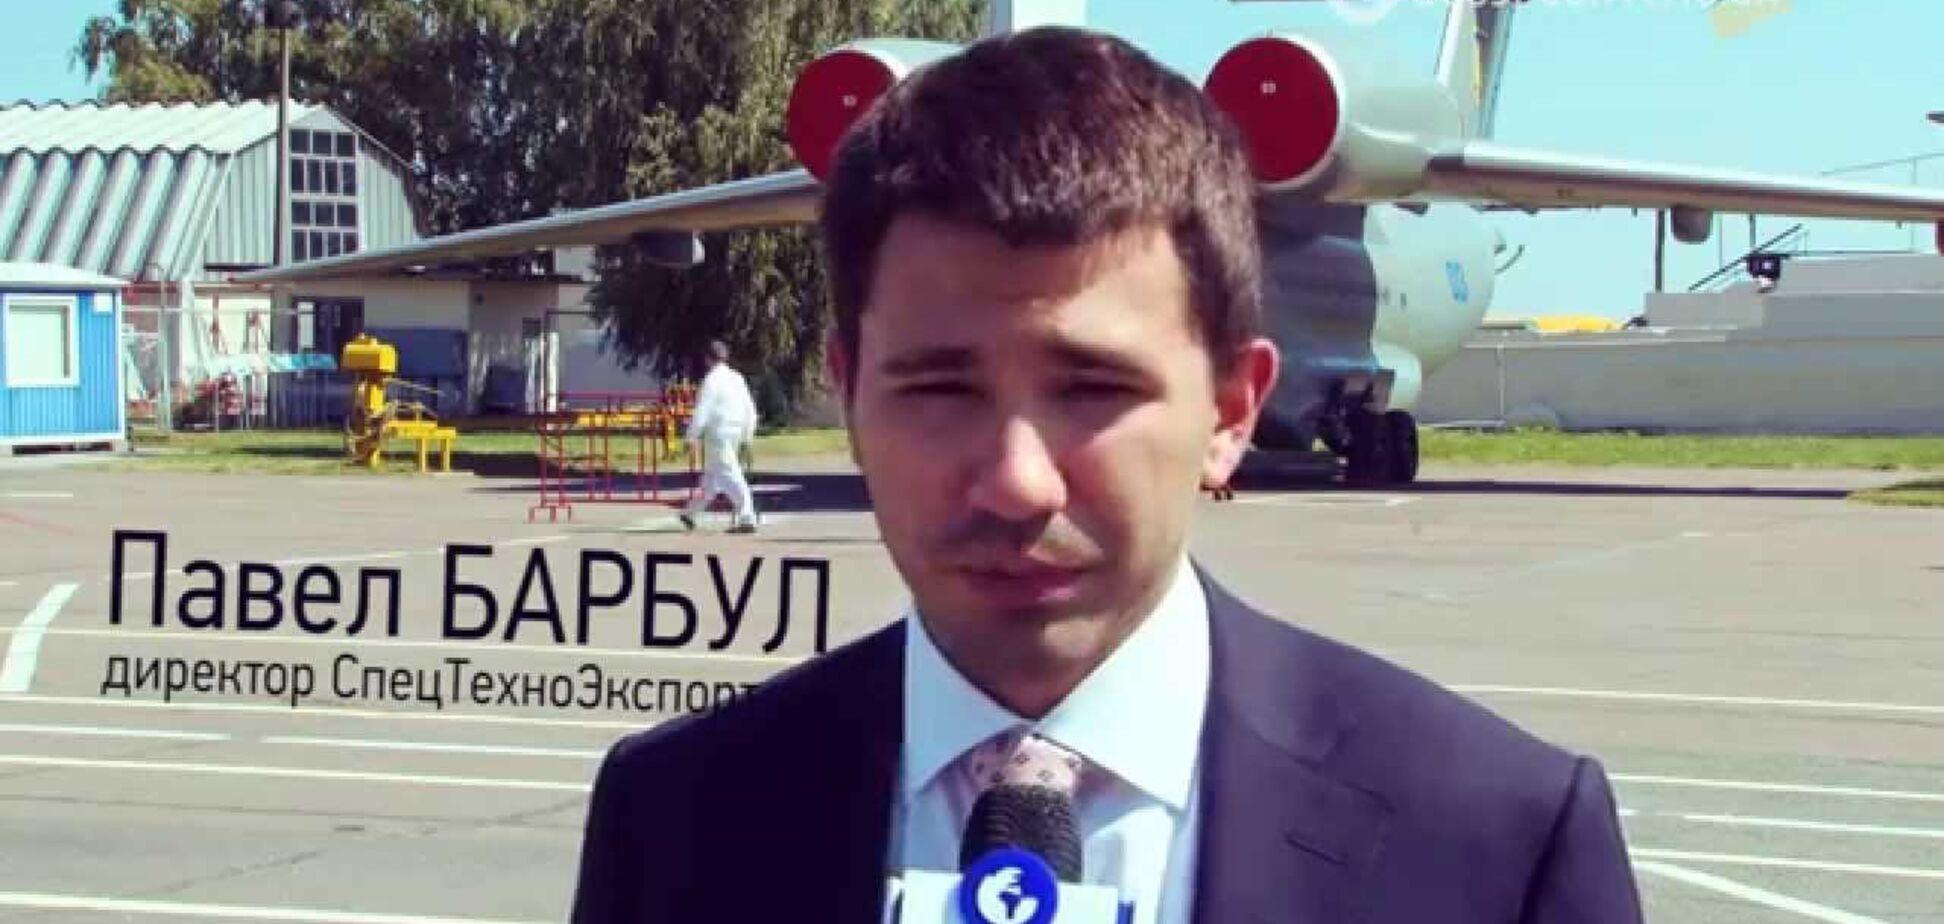 Павел Барбул: Украинская экономика нуждается в инновациях